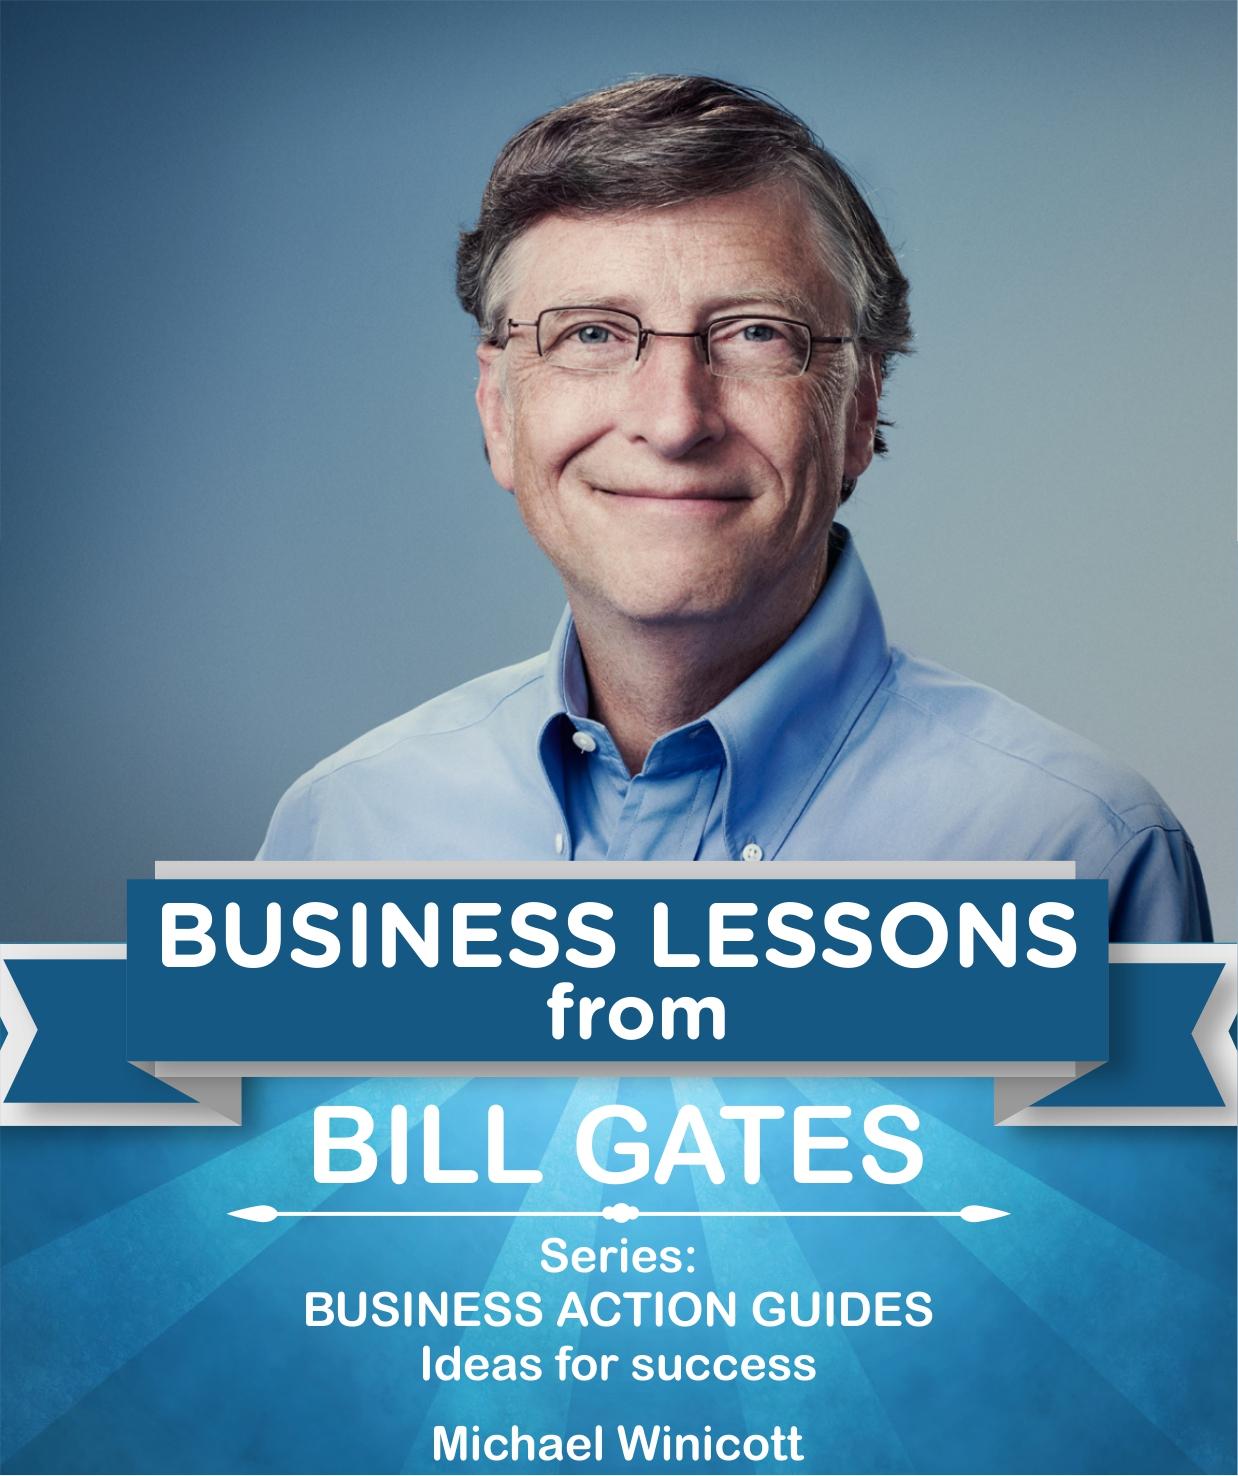 Bil gates: business lessons